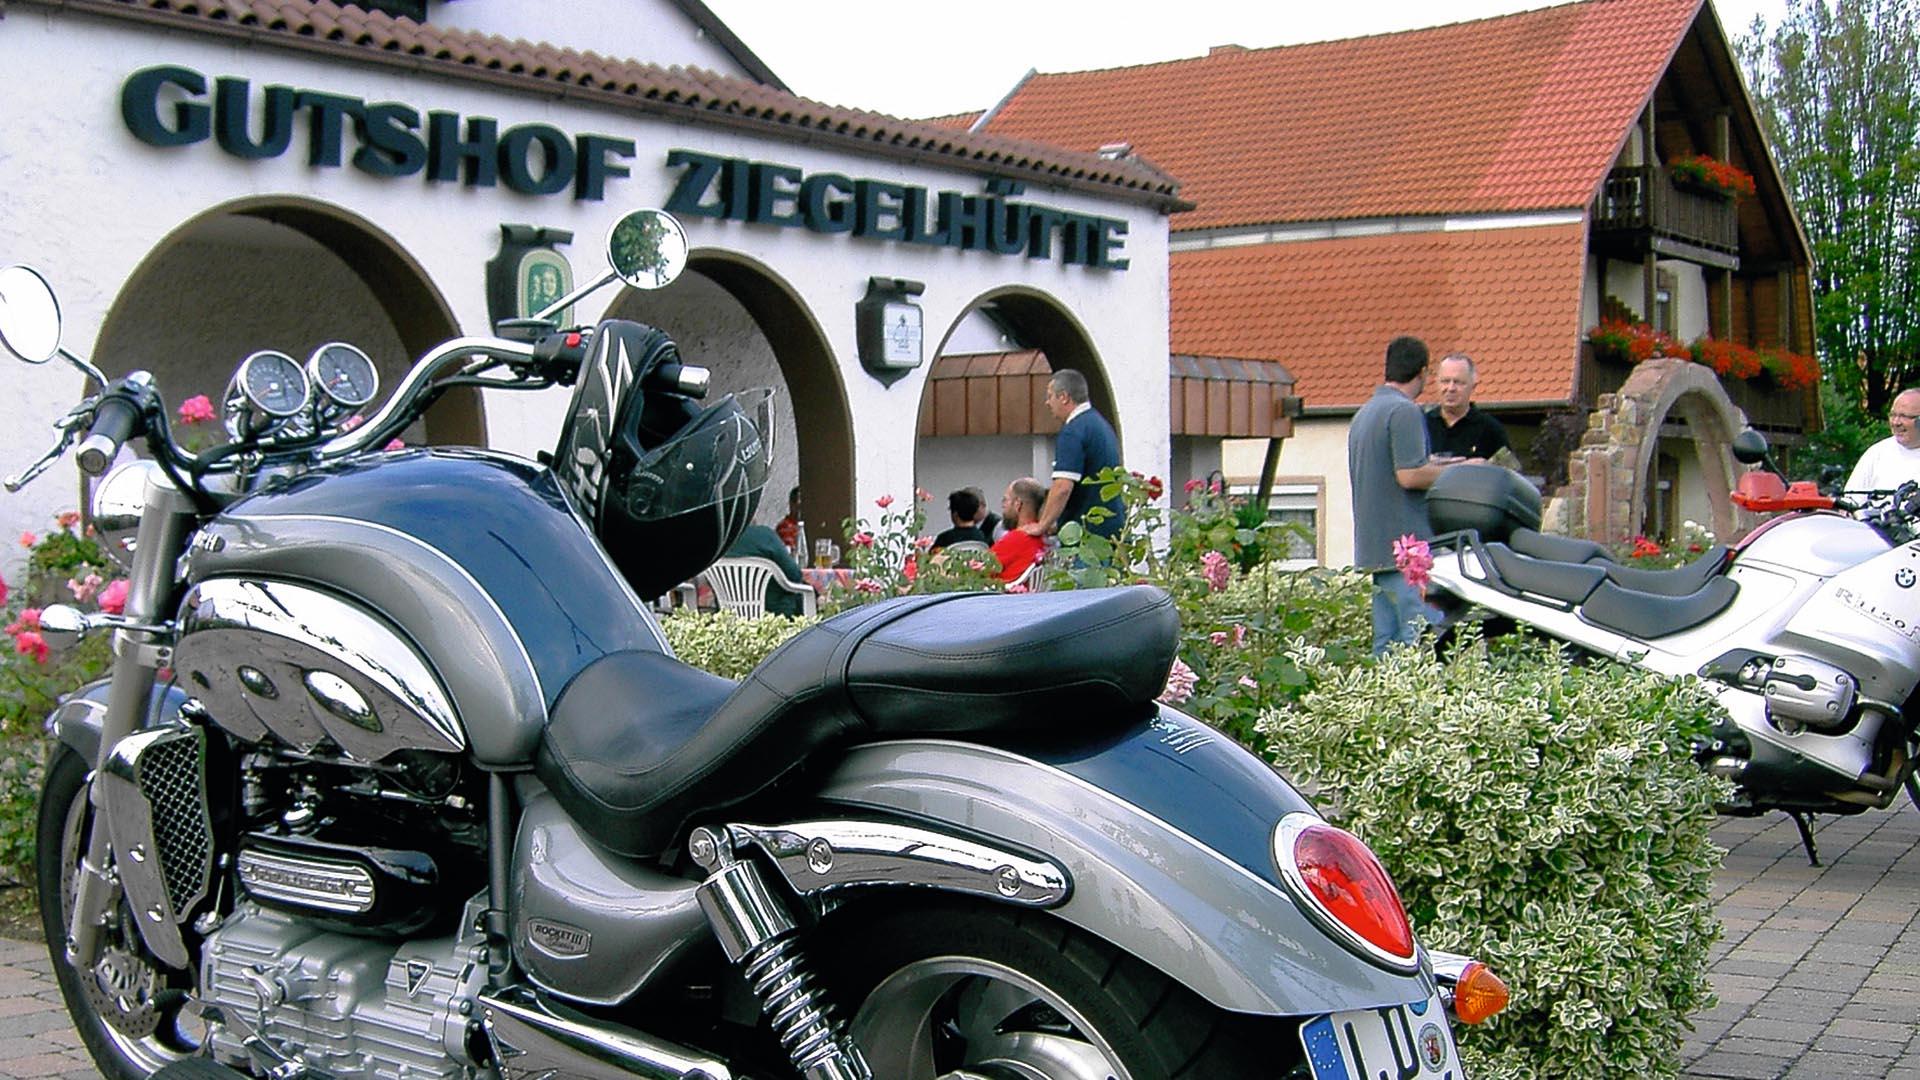 Gutshof Ziegelhütte OHG